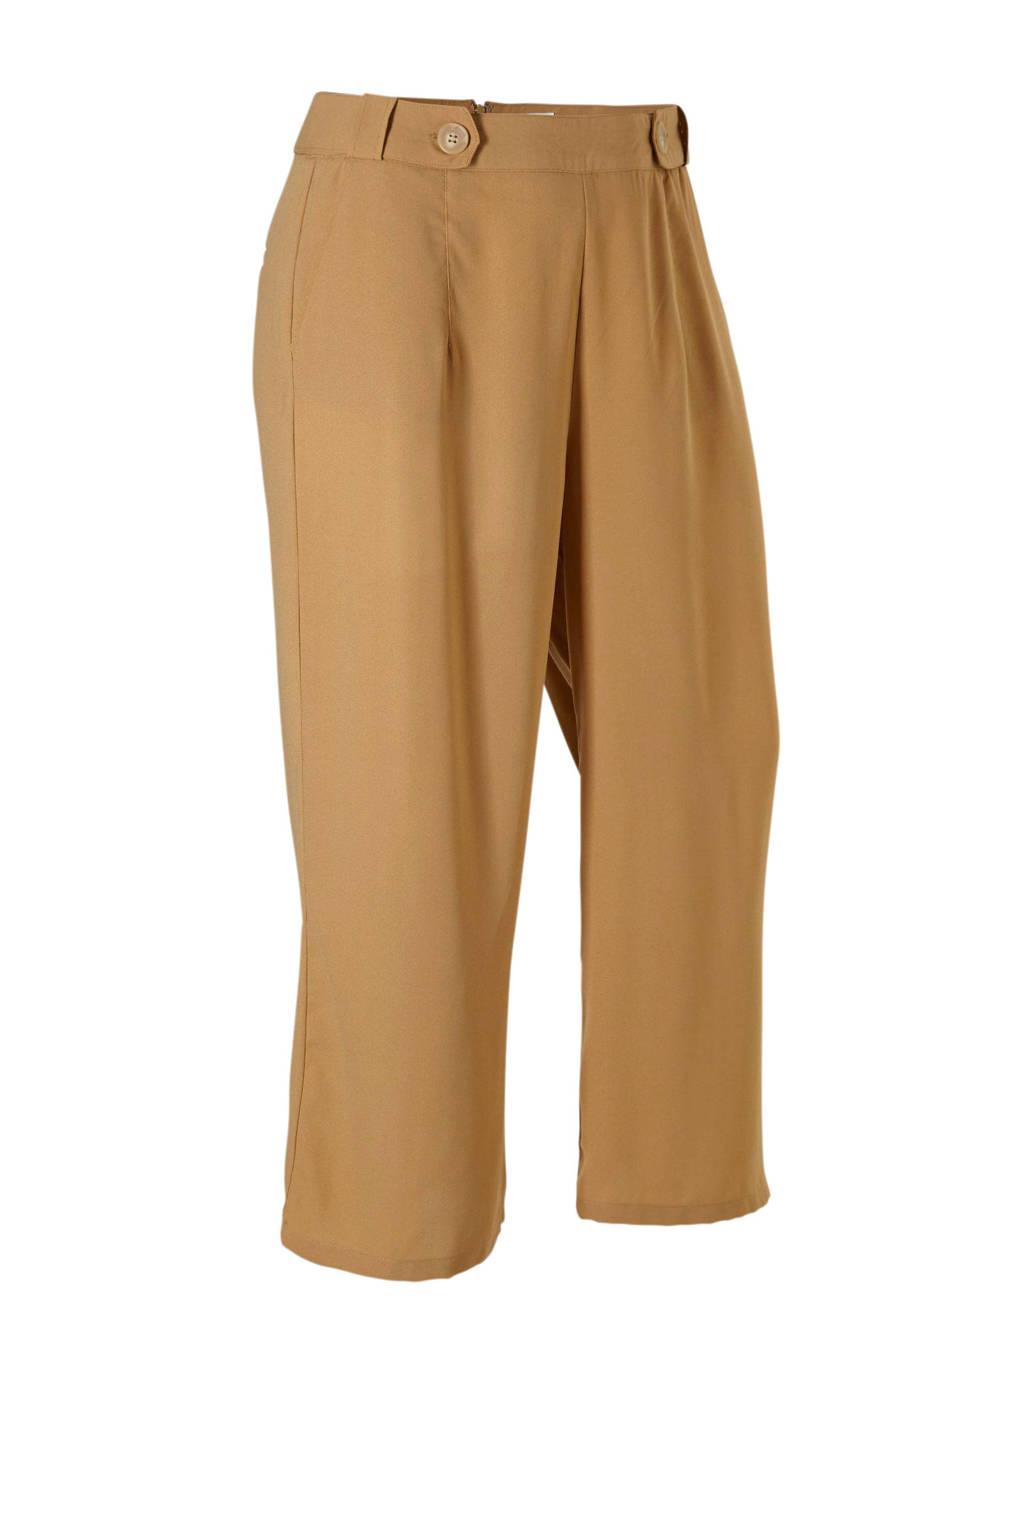 Lost Ink Plus pantalon beige, Beige